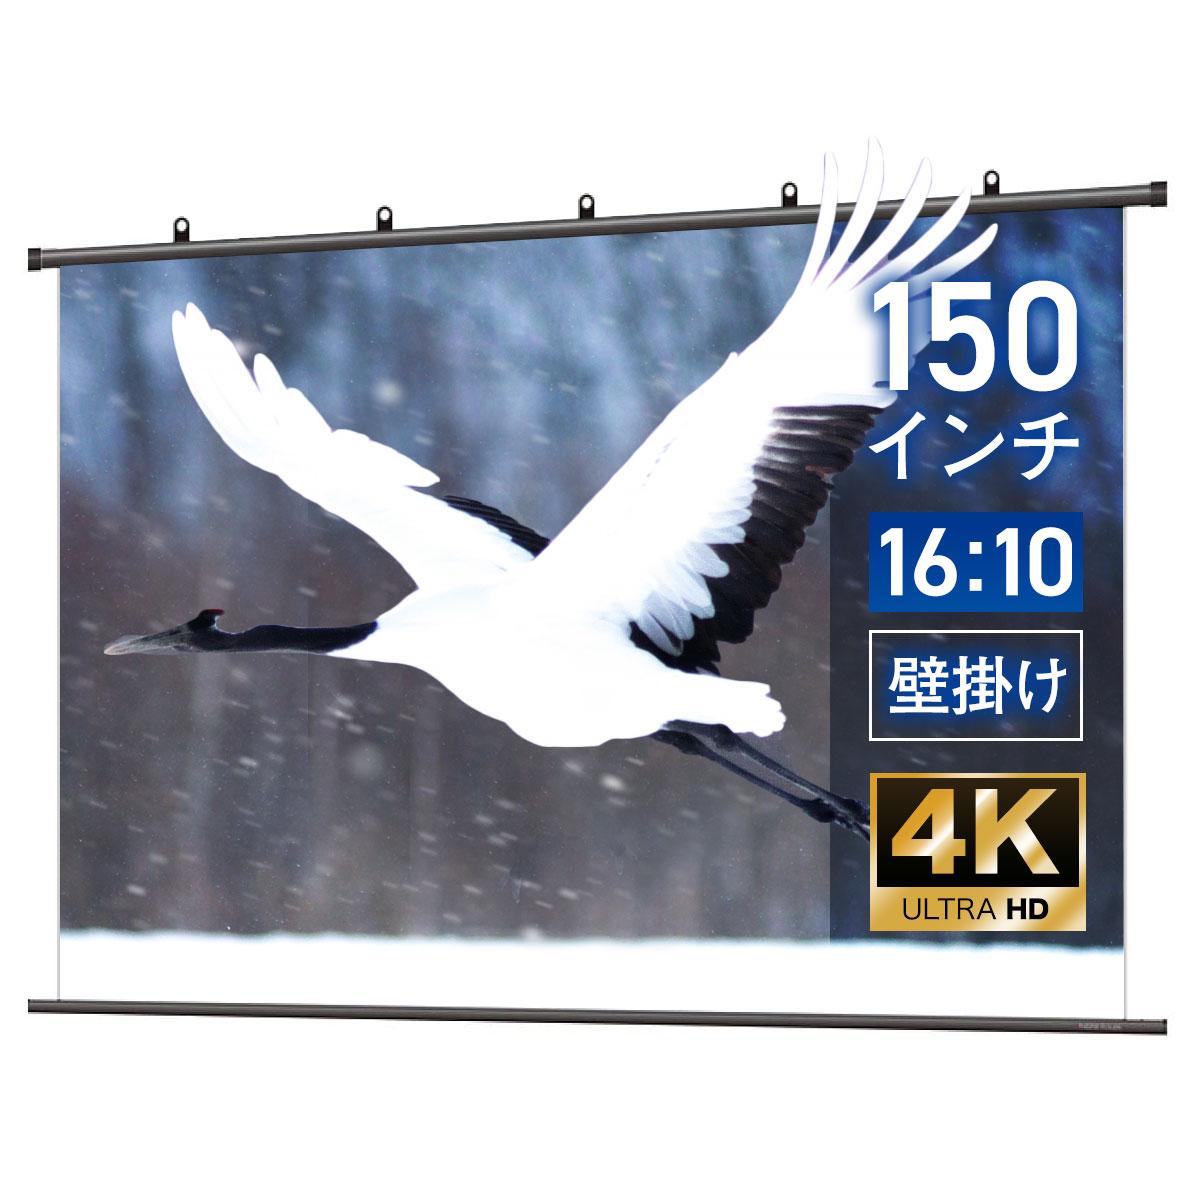 お手頃価格 シアターハウス (16:10) BTP3231XEH 4K対応 プロジェクタースクリーン 150インチ 4K対応 (16:10) タペストリー(掛け軸)タイプ マスクフリー BTP3231XEH, 【限定製作】:4aebc62a --- esef.localized.me